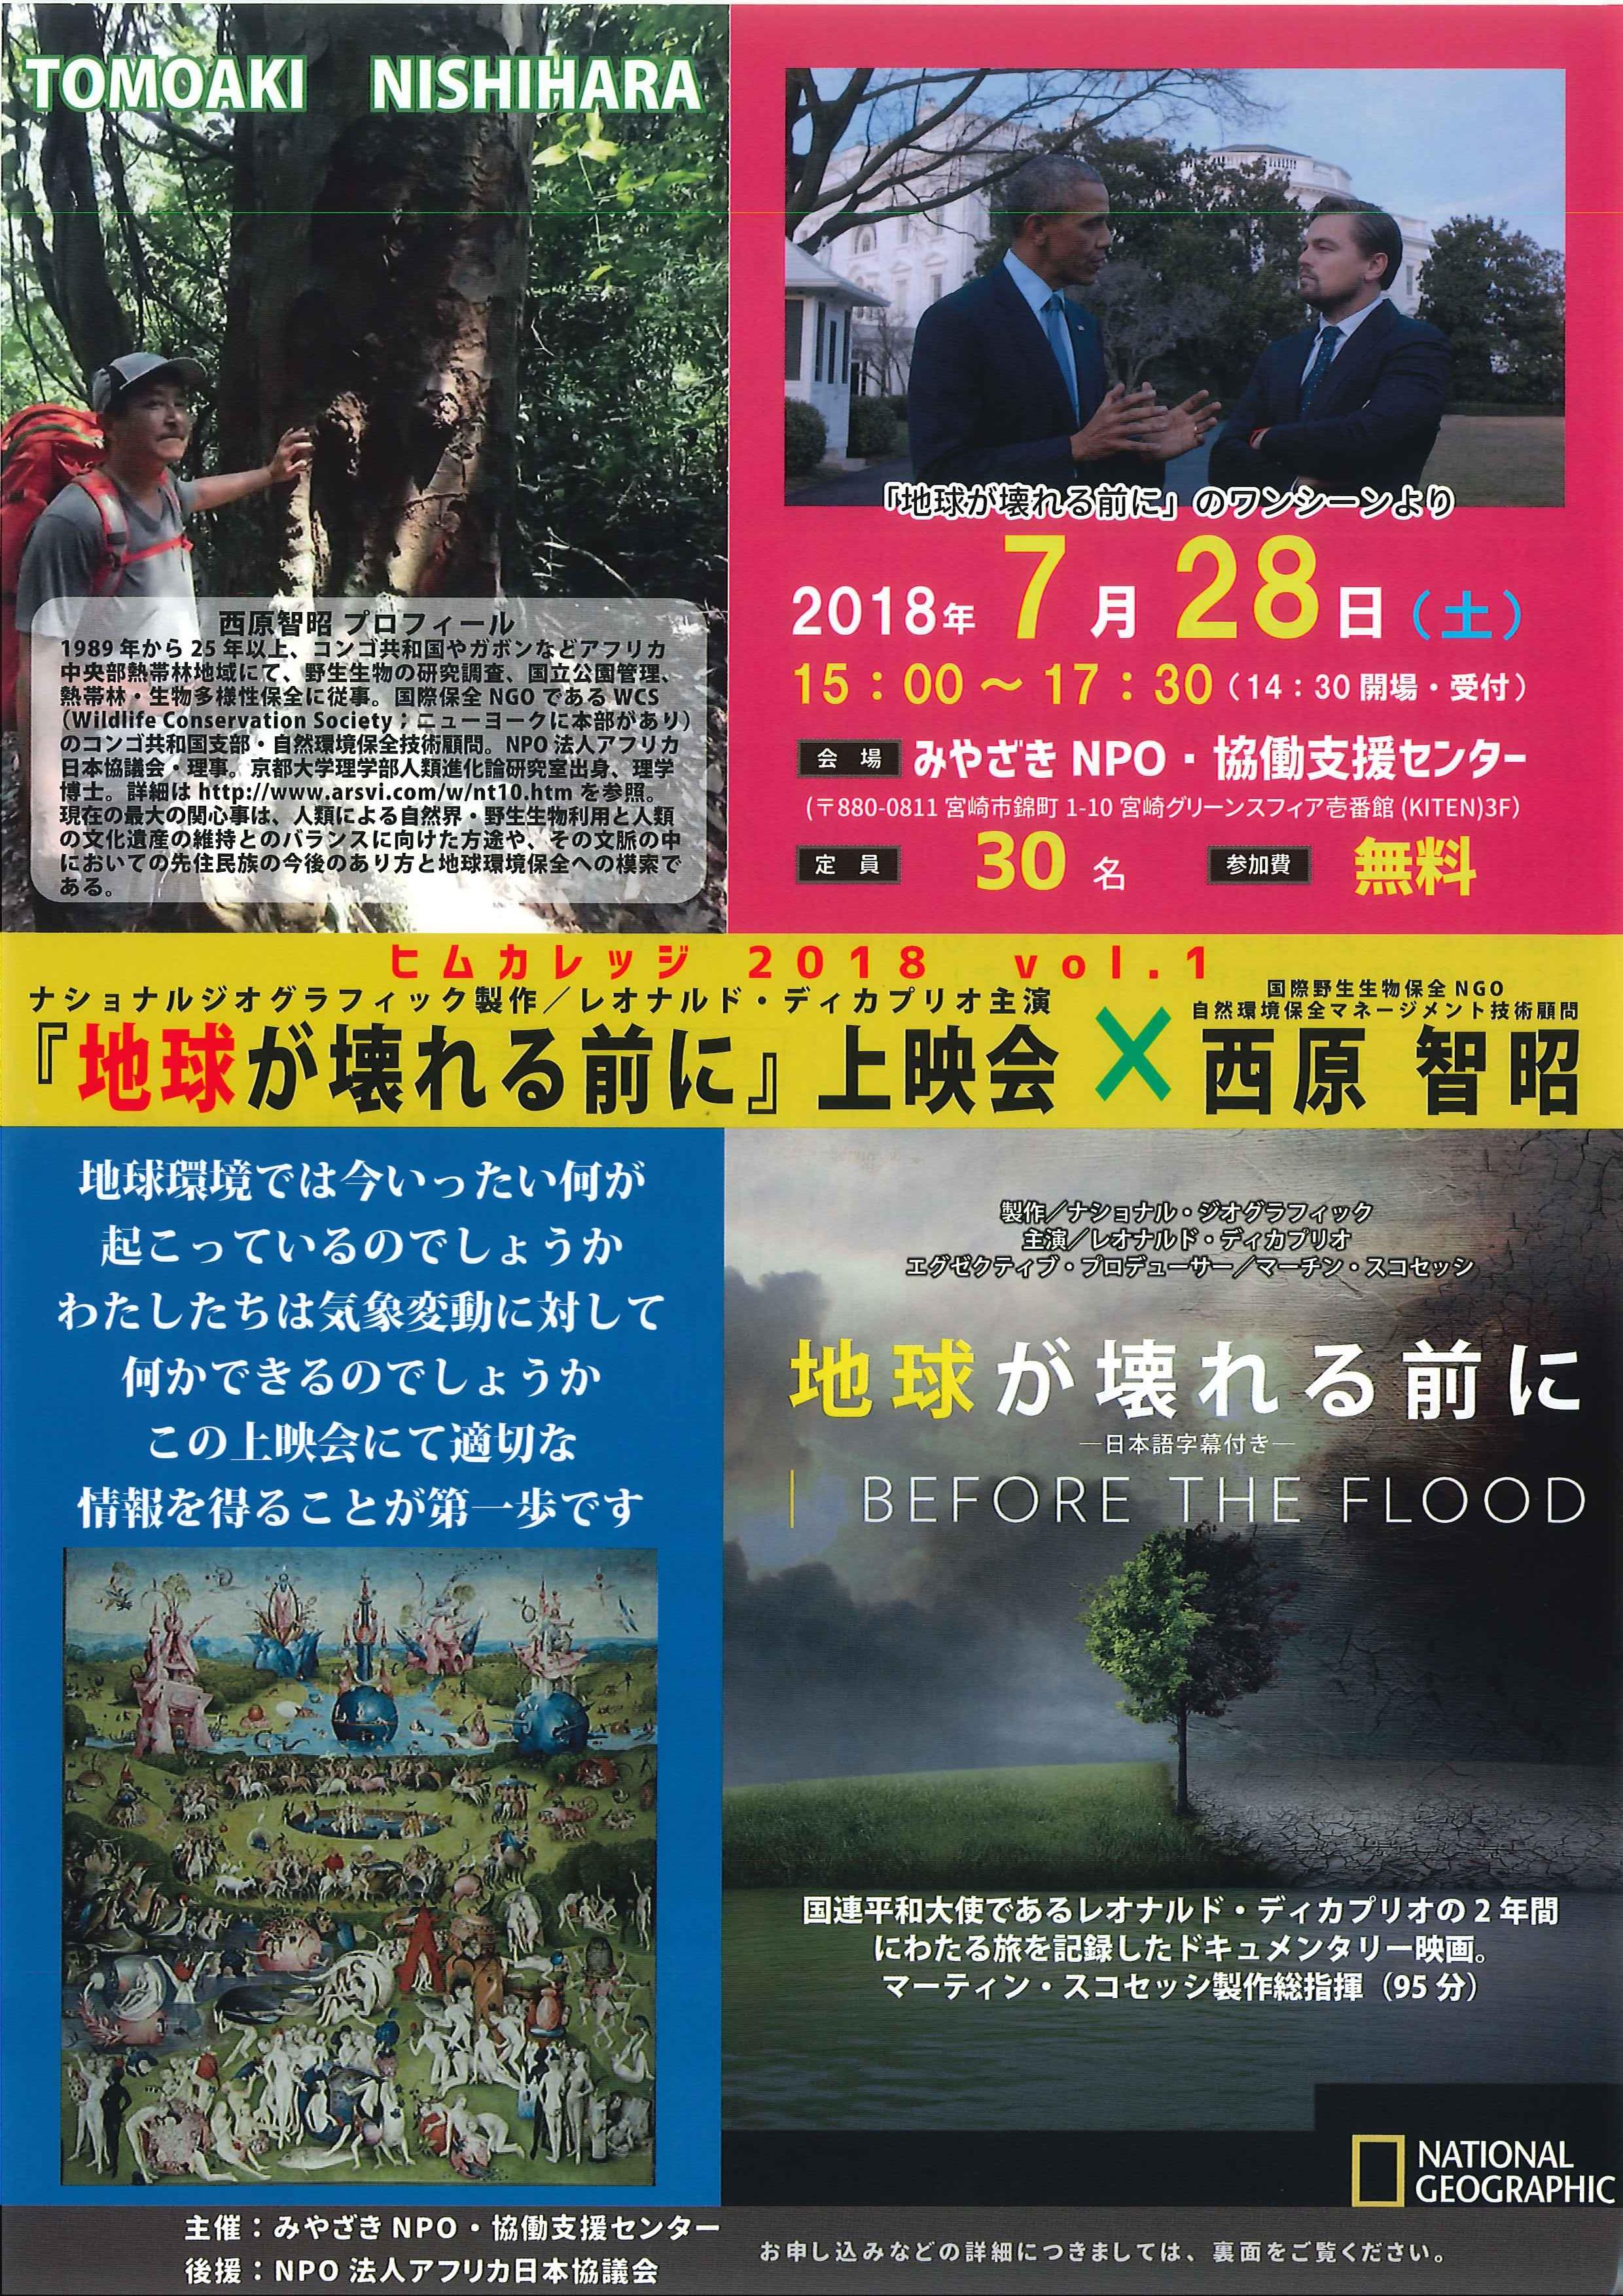 『地球が壊れる前に』上映会 × 西原 智昭 氏 講演会